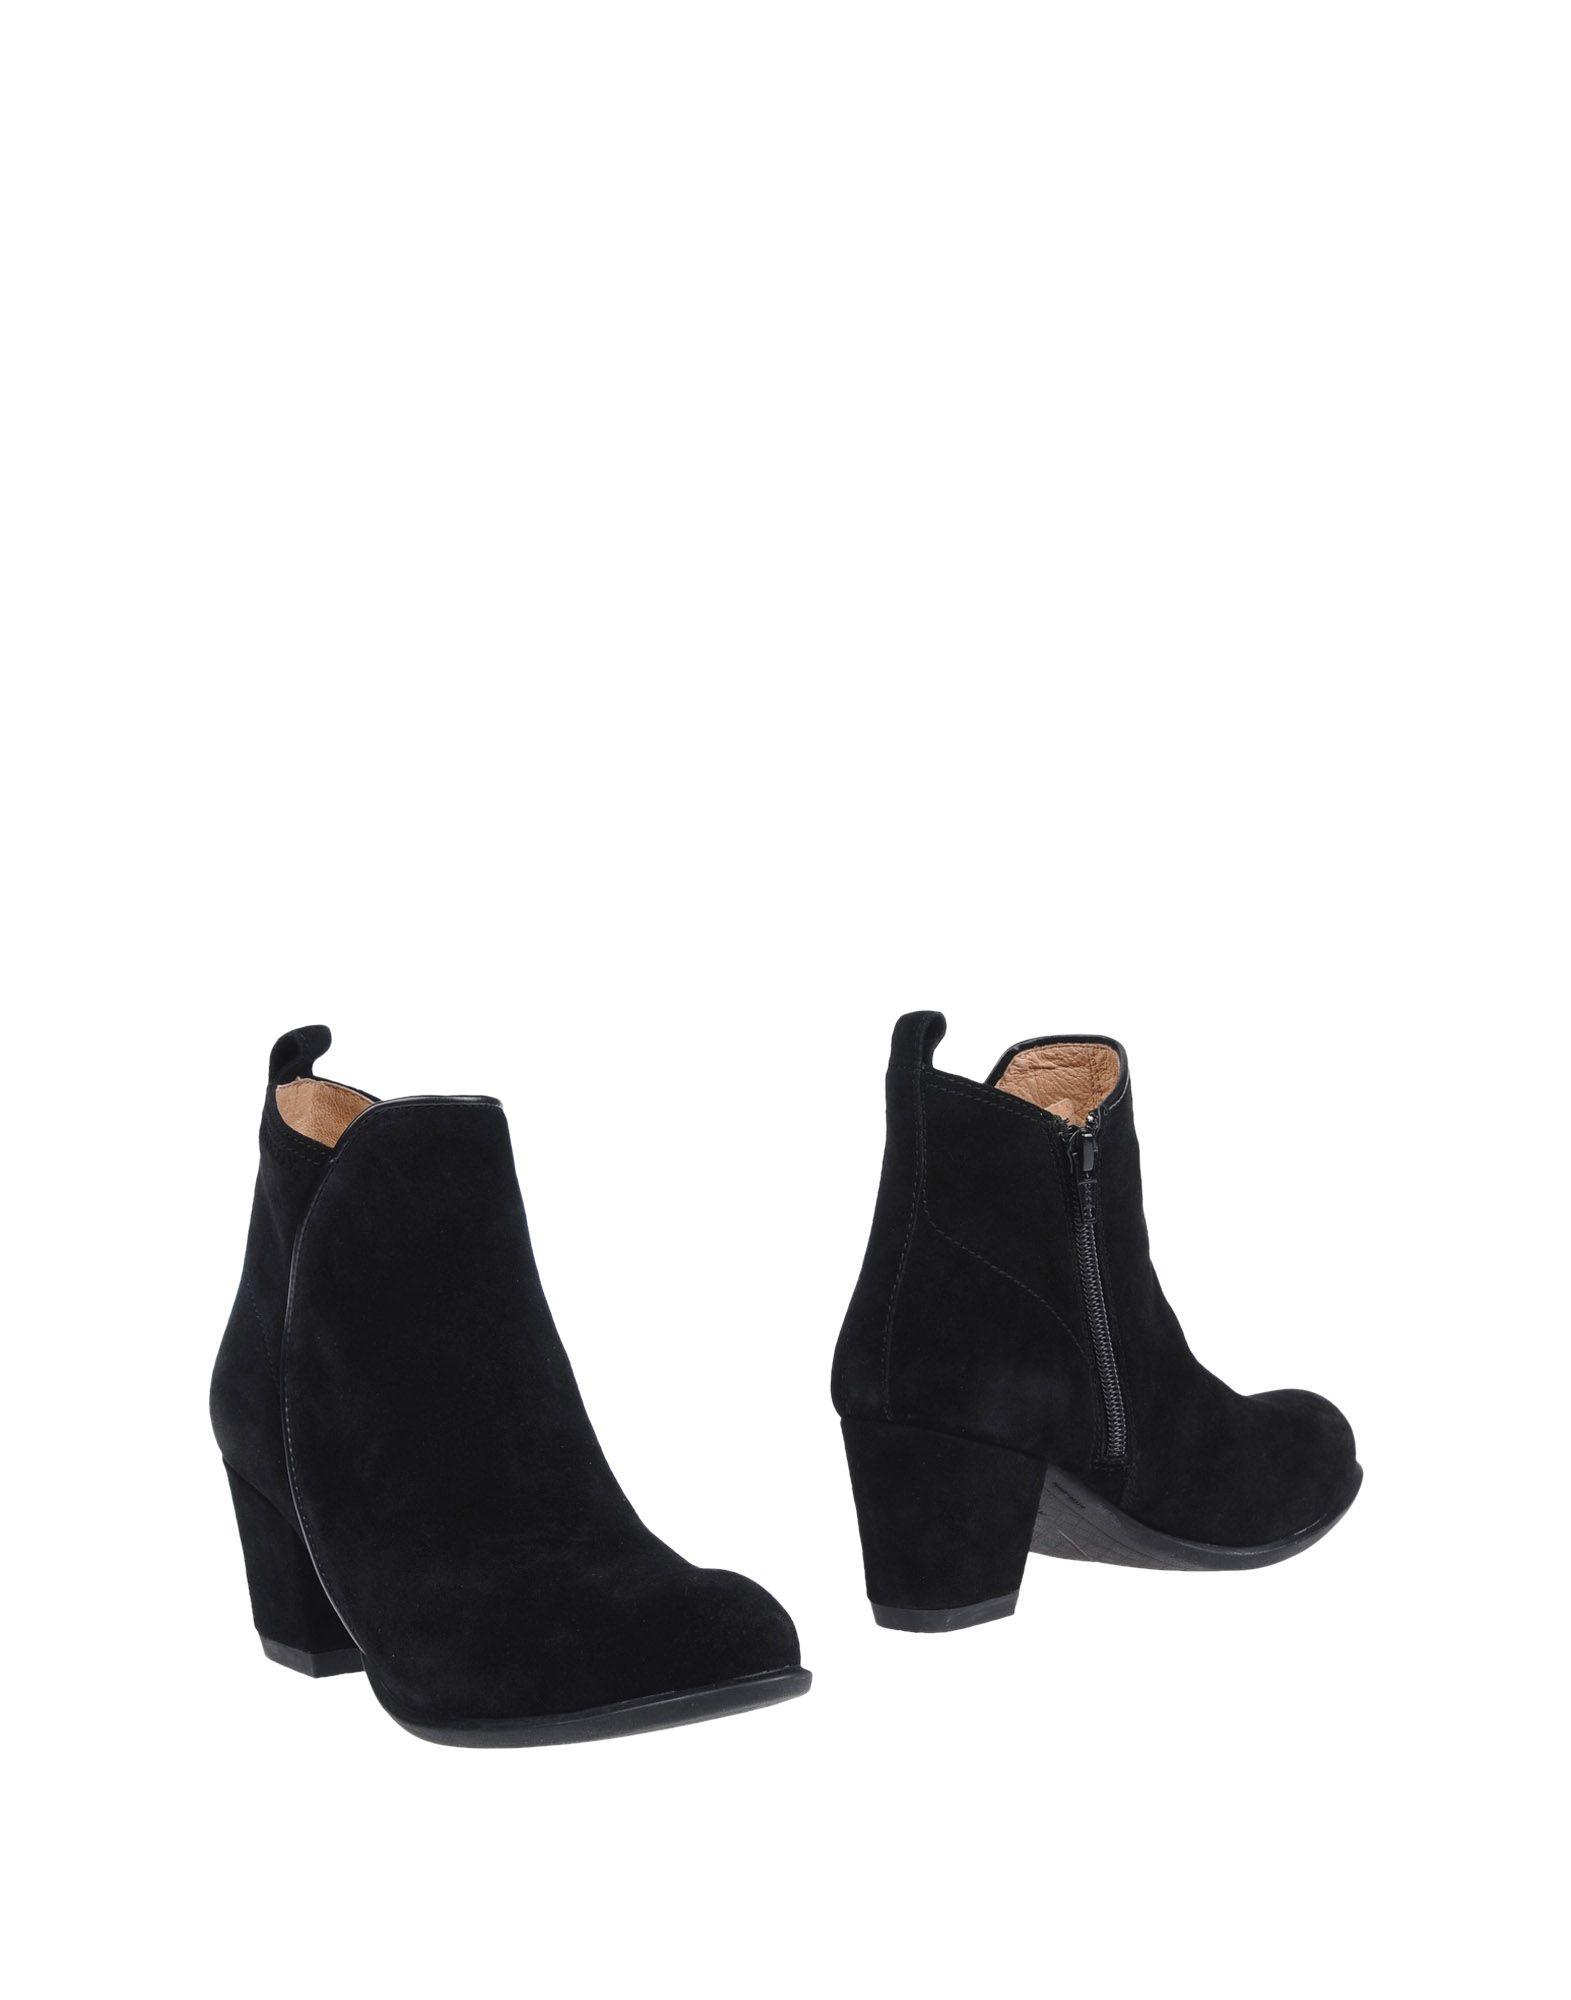 Stonefly Stiefelette Damen  11229891OQ Gute Qualität beliebte Schuhe